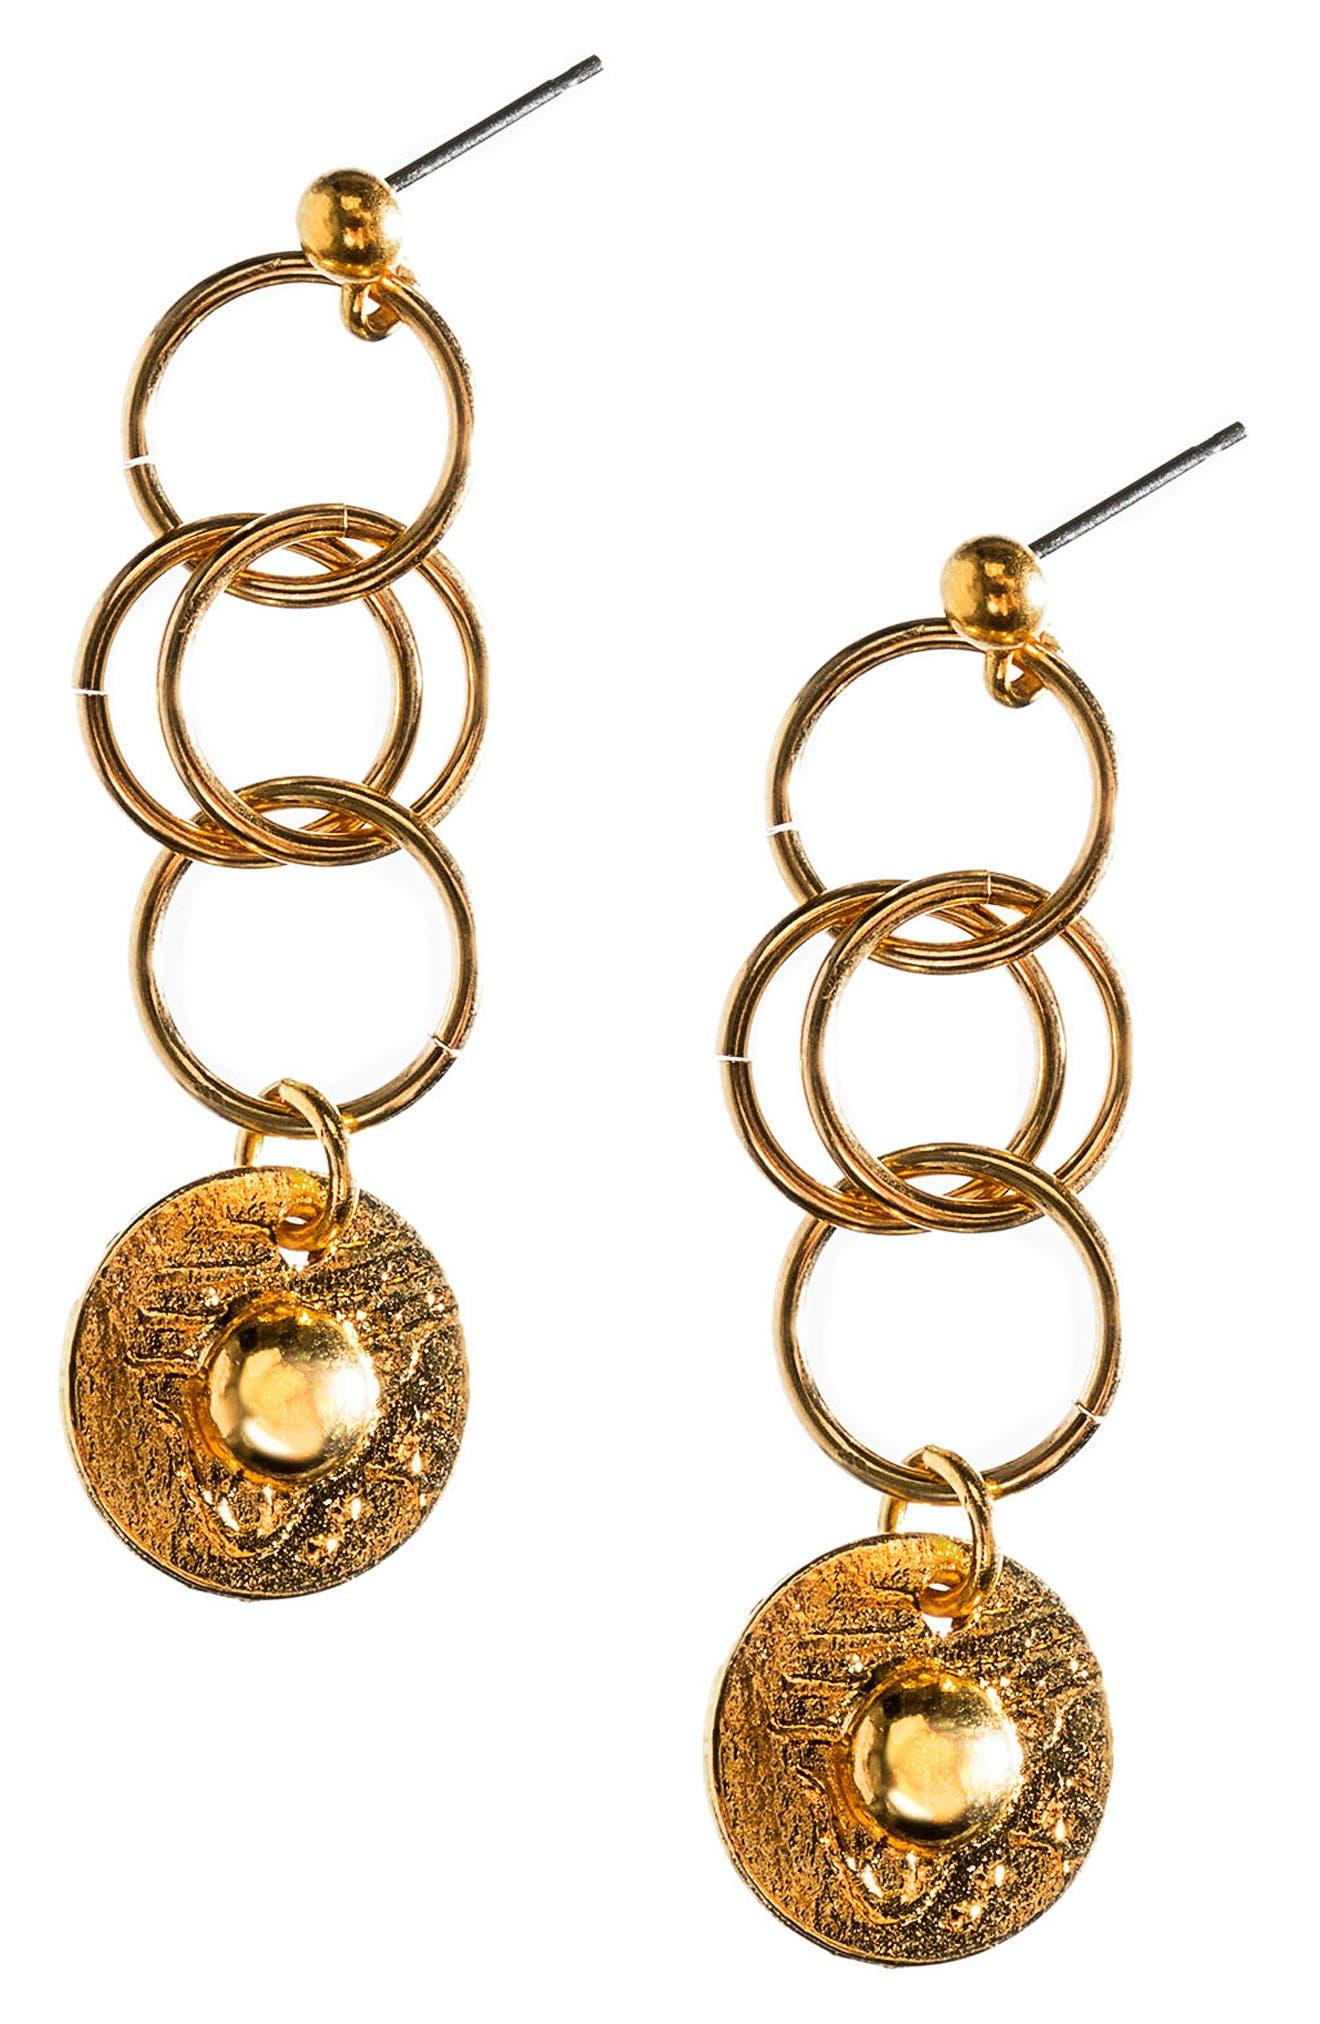 MHART Tri Hoop Coin Earrings